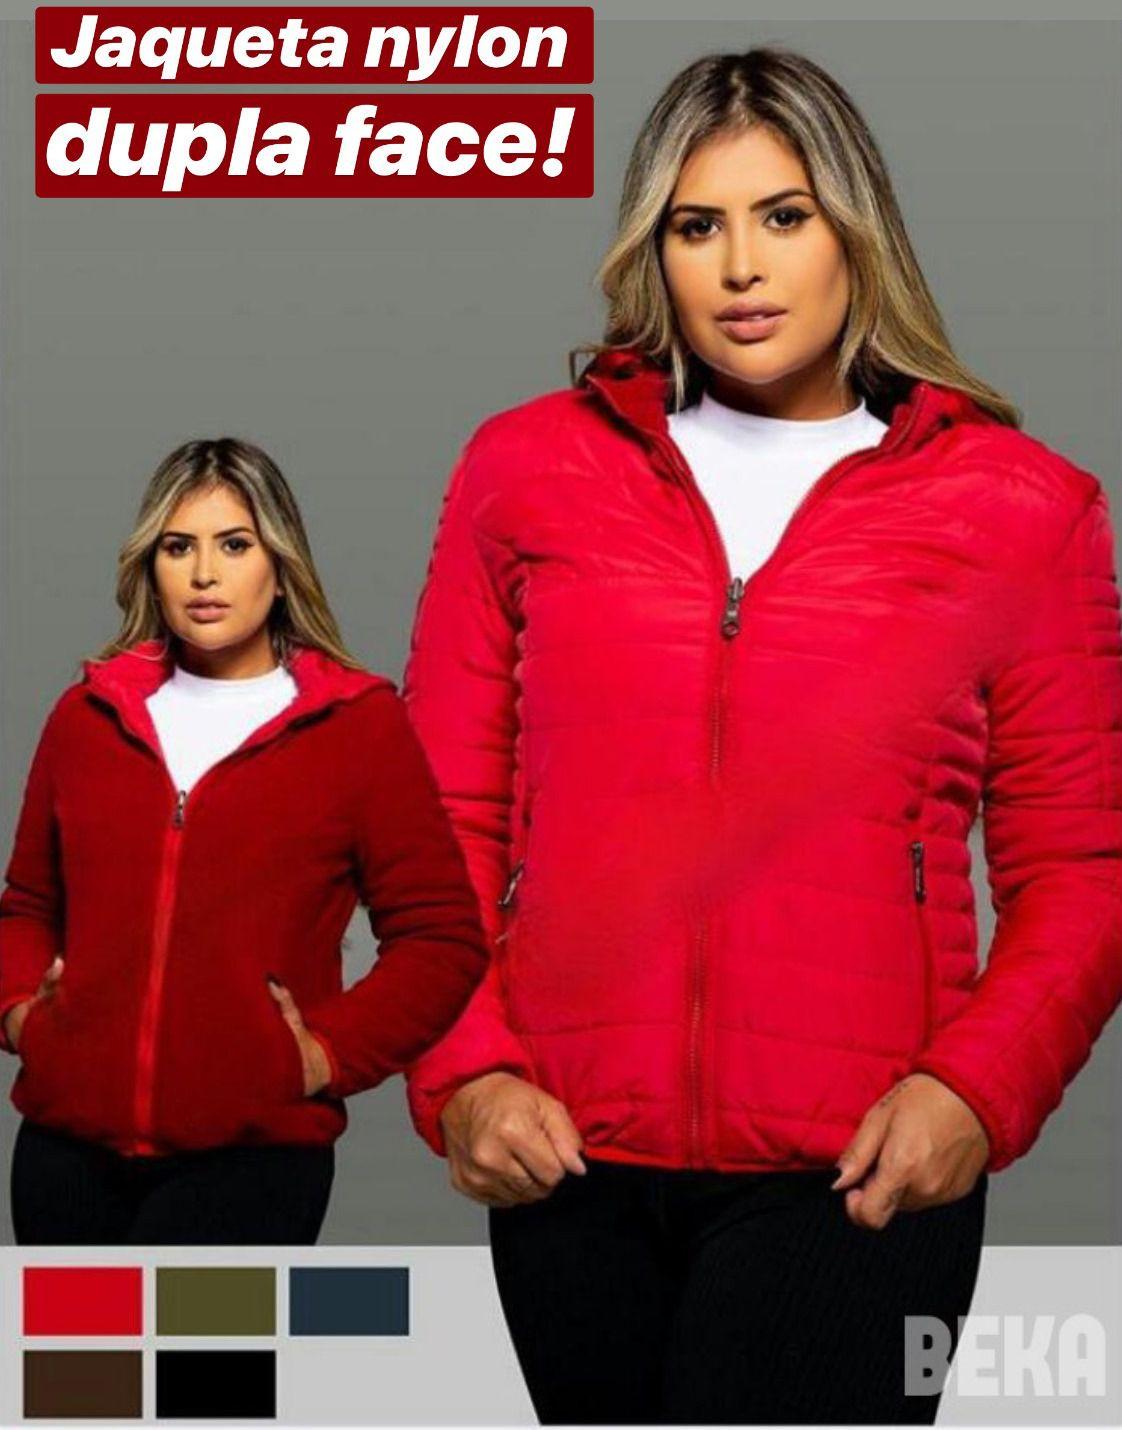 Jaqueta Nylon dupla face